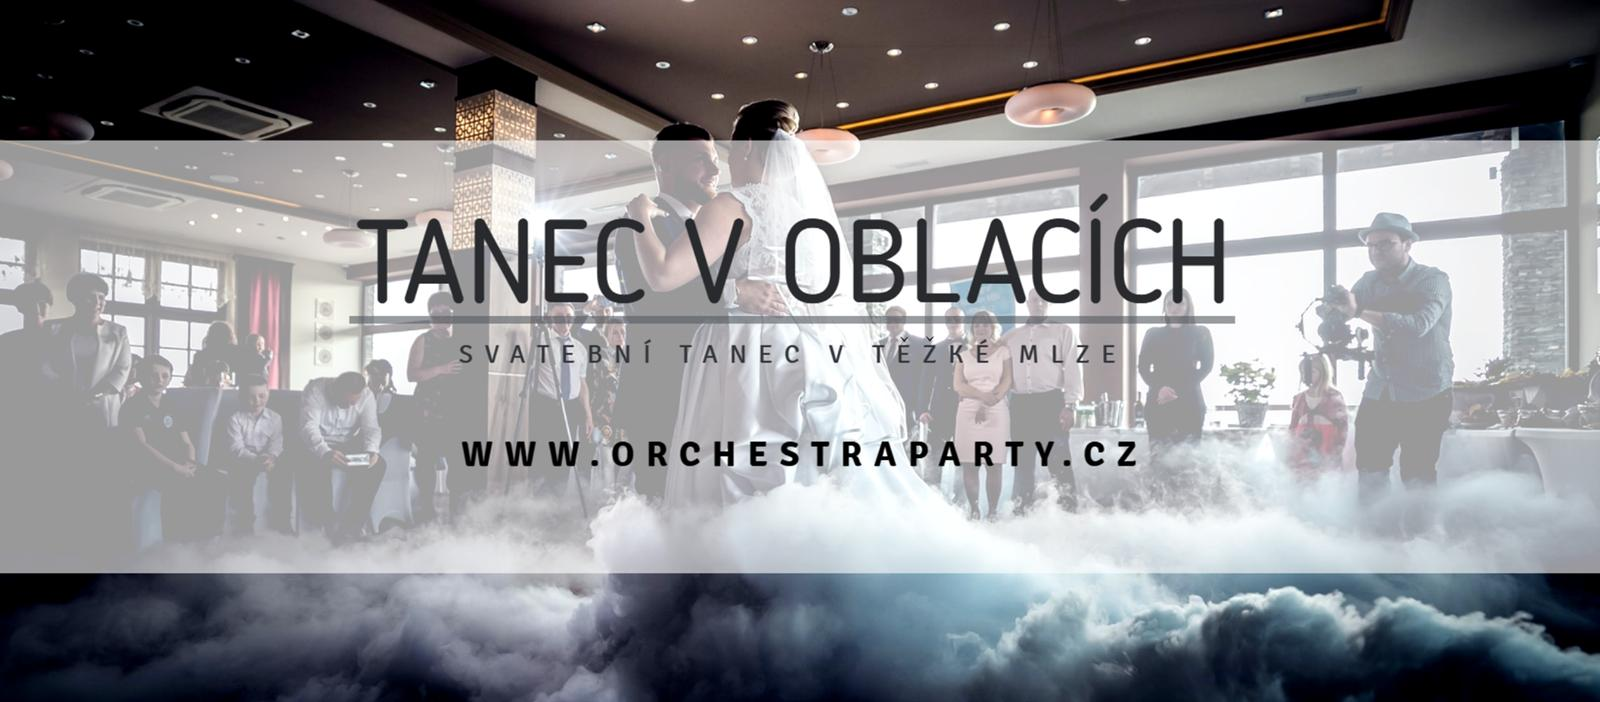 orchestraparty - Obrázek č. 7